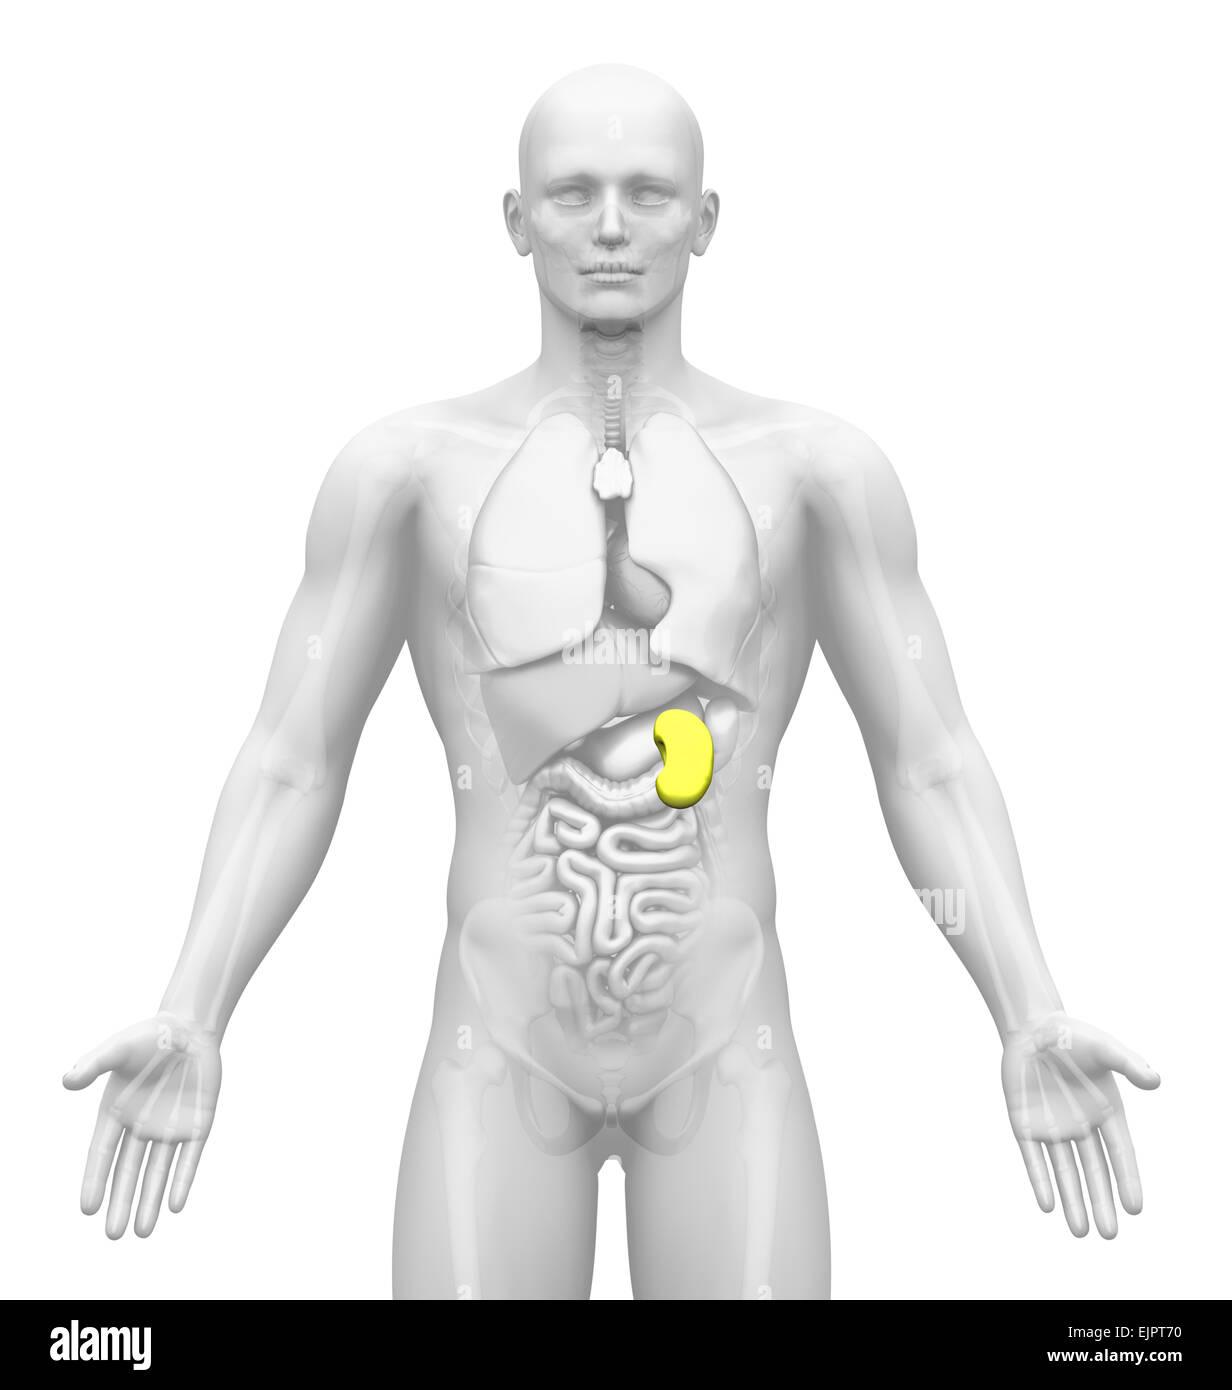 Männliche Milz Anatomie Stockfoto, Bild: 80407236 - Alamy